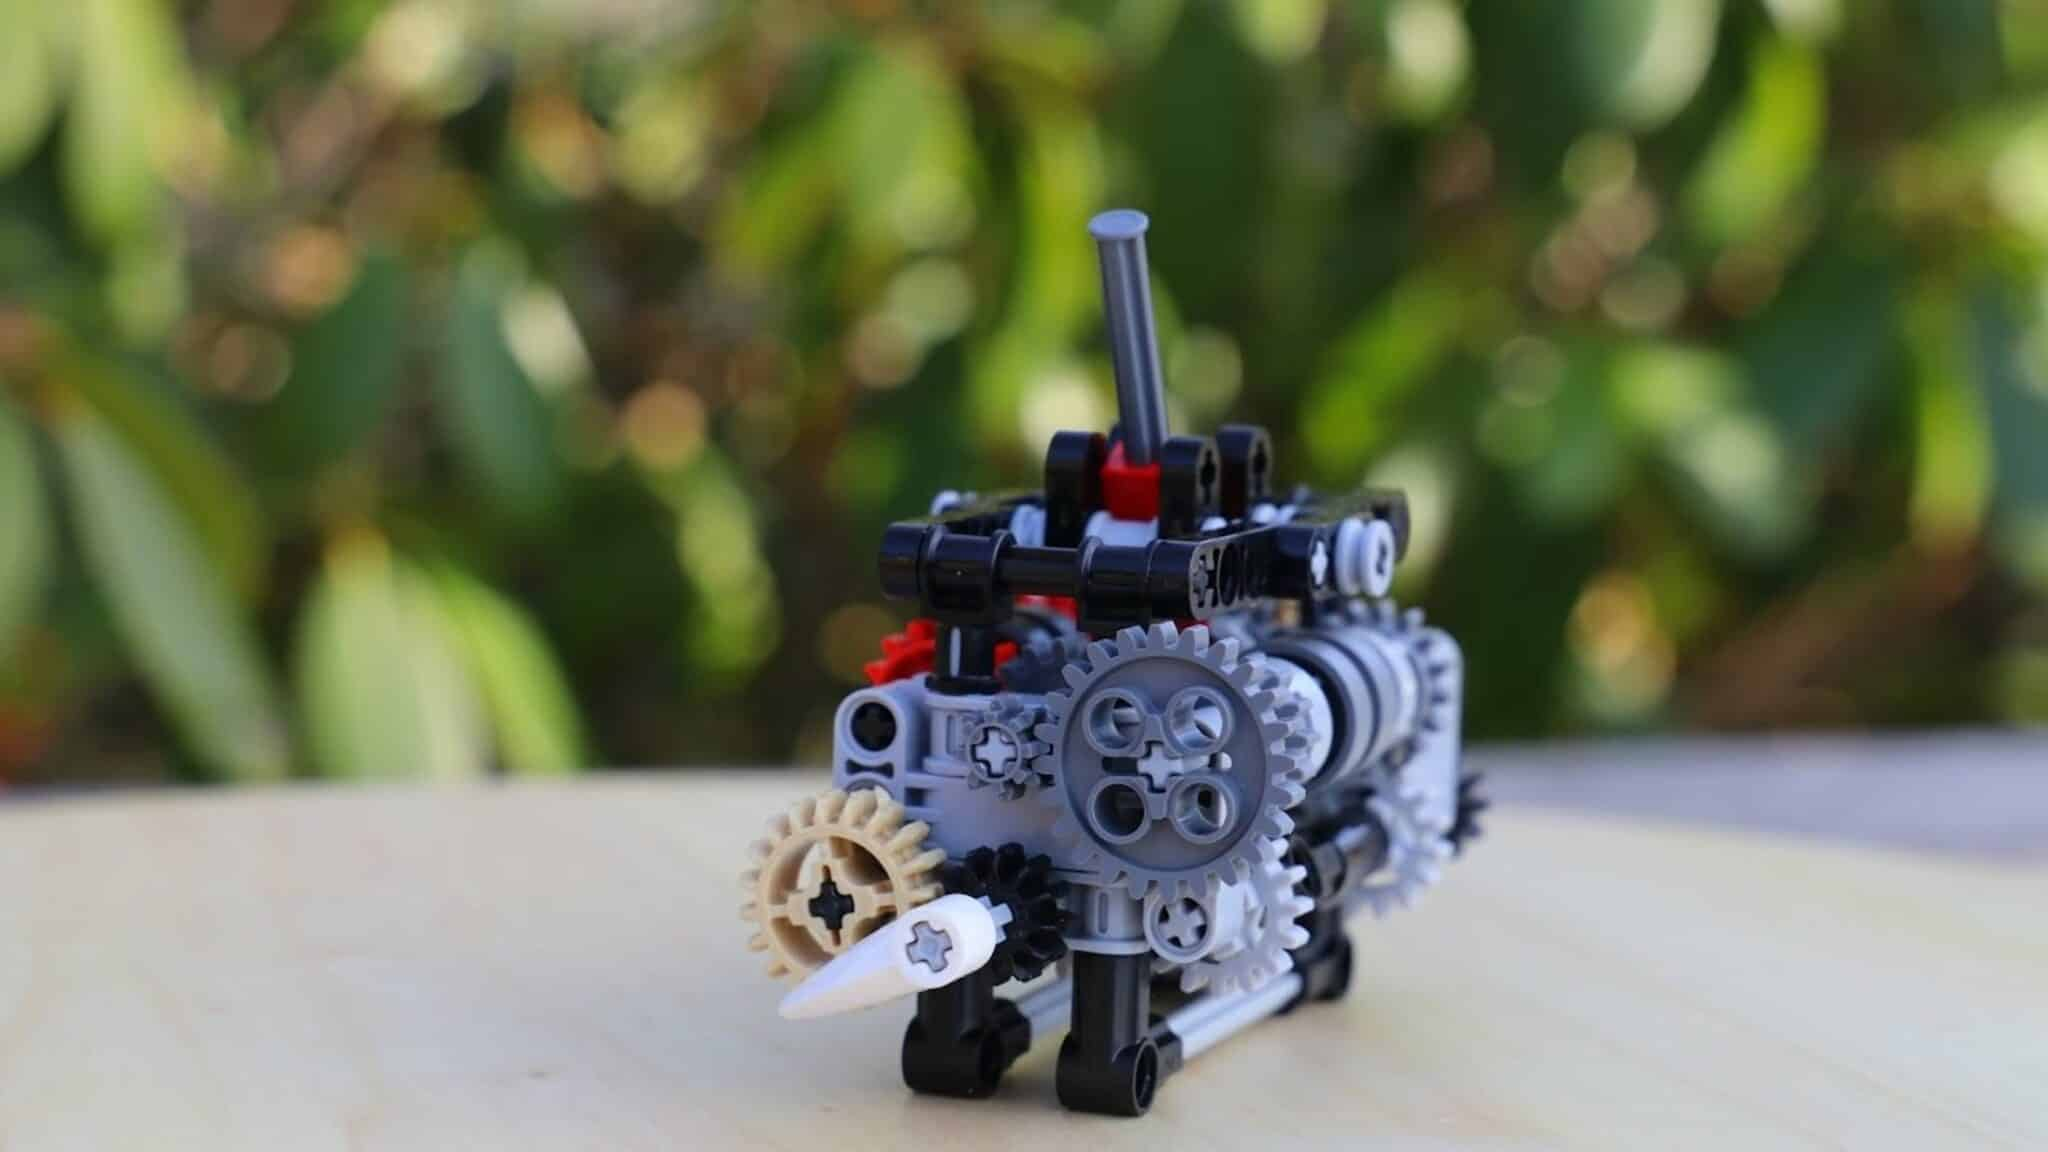 Esta caja de cambios de 6 velocidades hecha con piezas de LEGO es sencillamente espectacular ¡Y funciona!